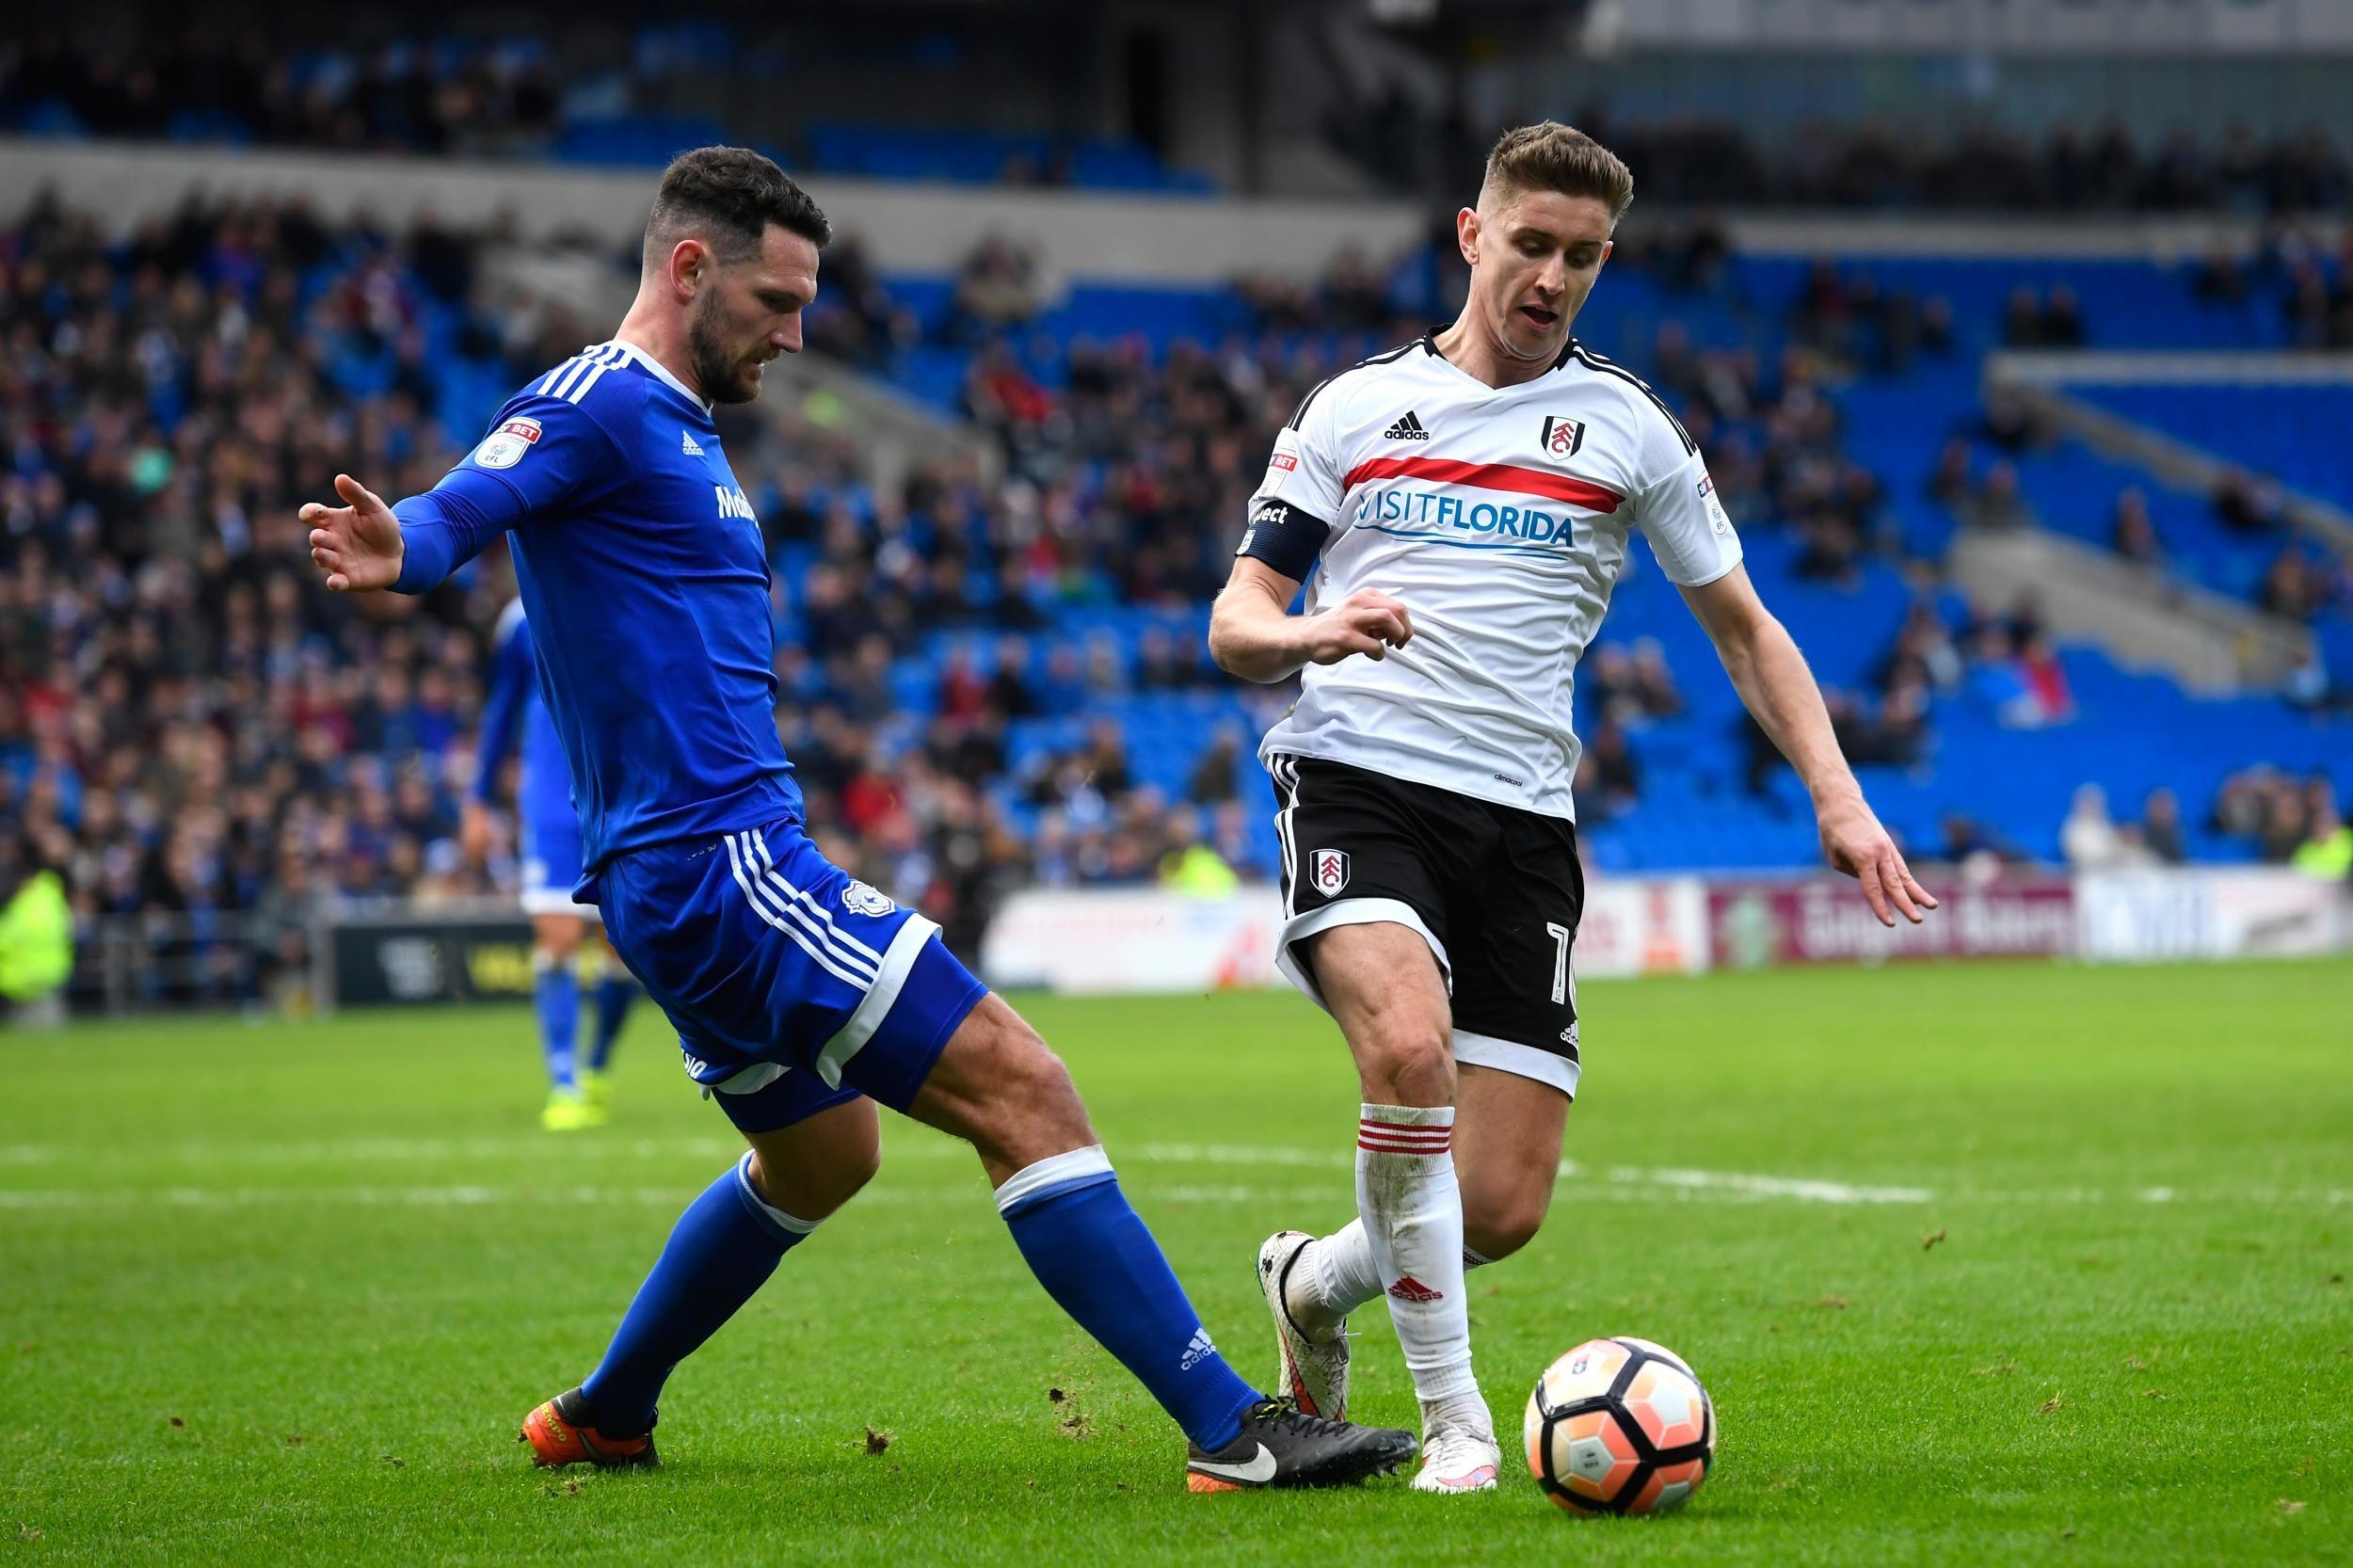 Cardiff czy Fulham – kto skoczy nad przepaścią?